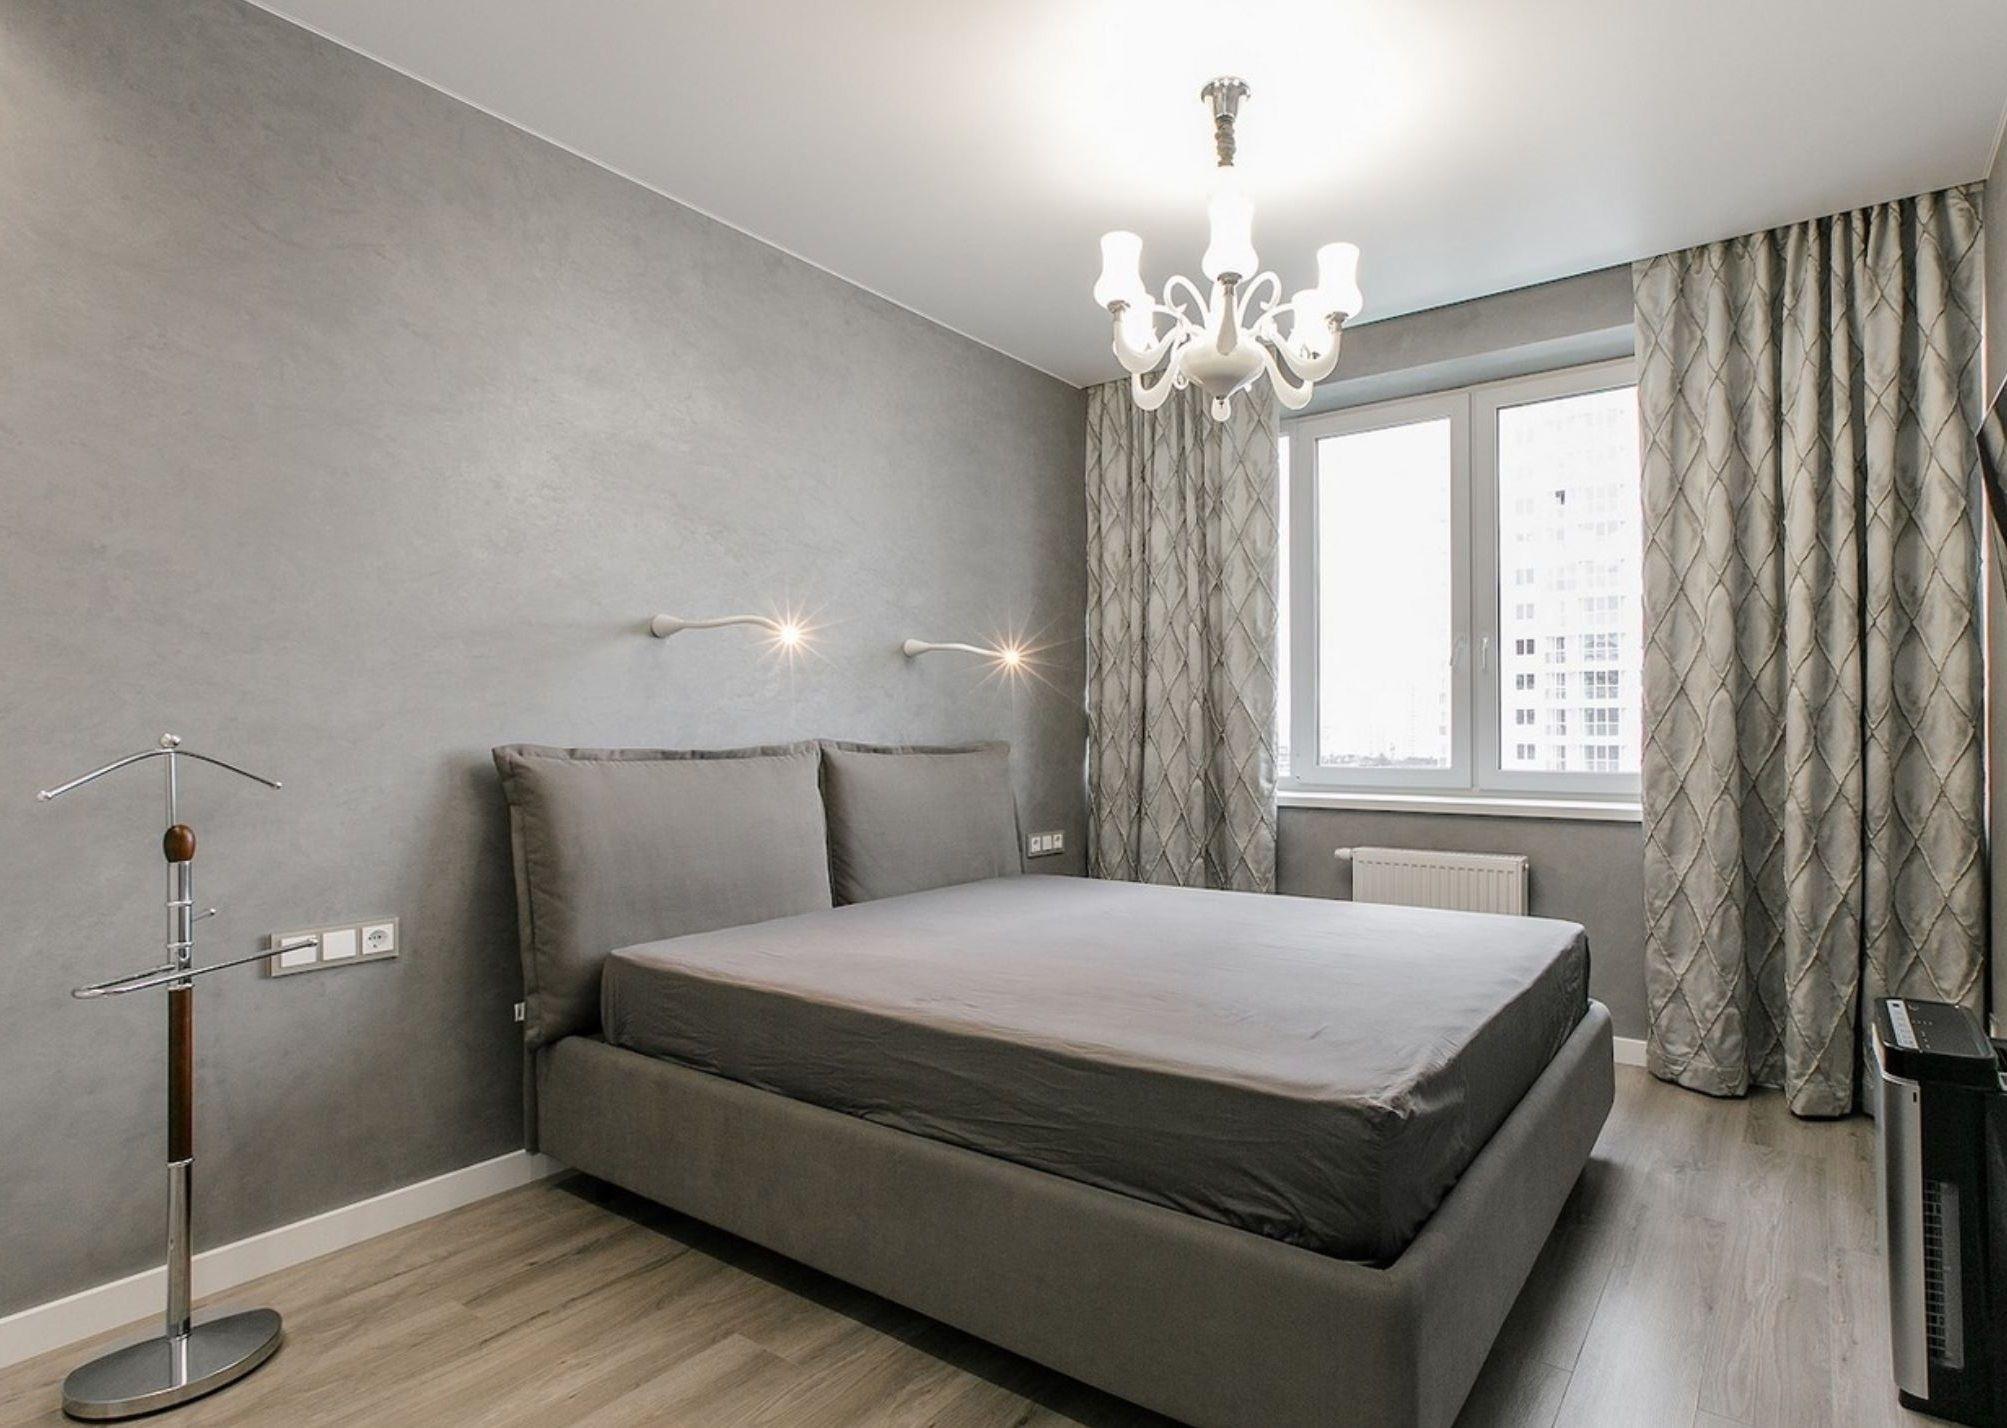 люстры для натяжных потолков в спальне минимализм